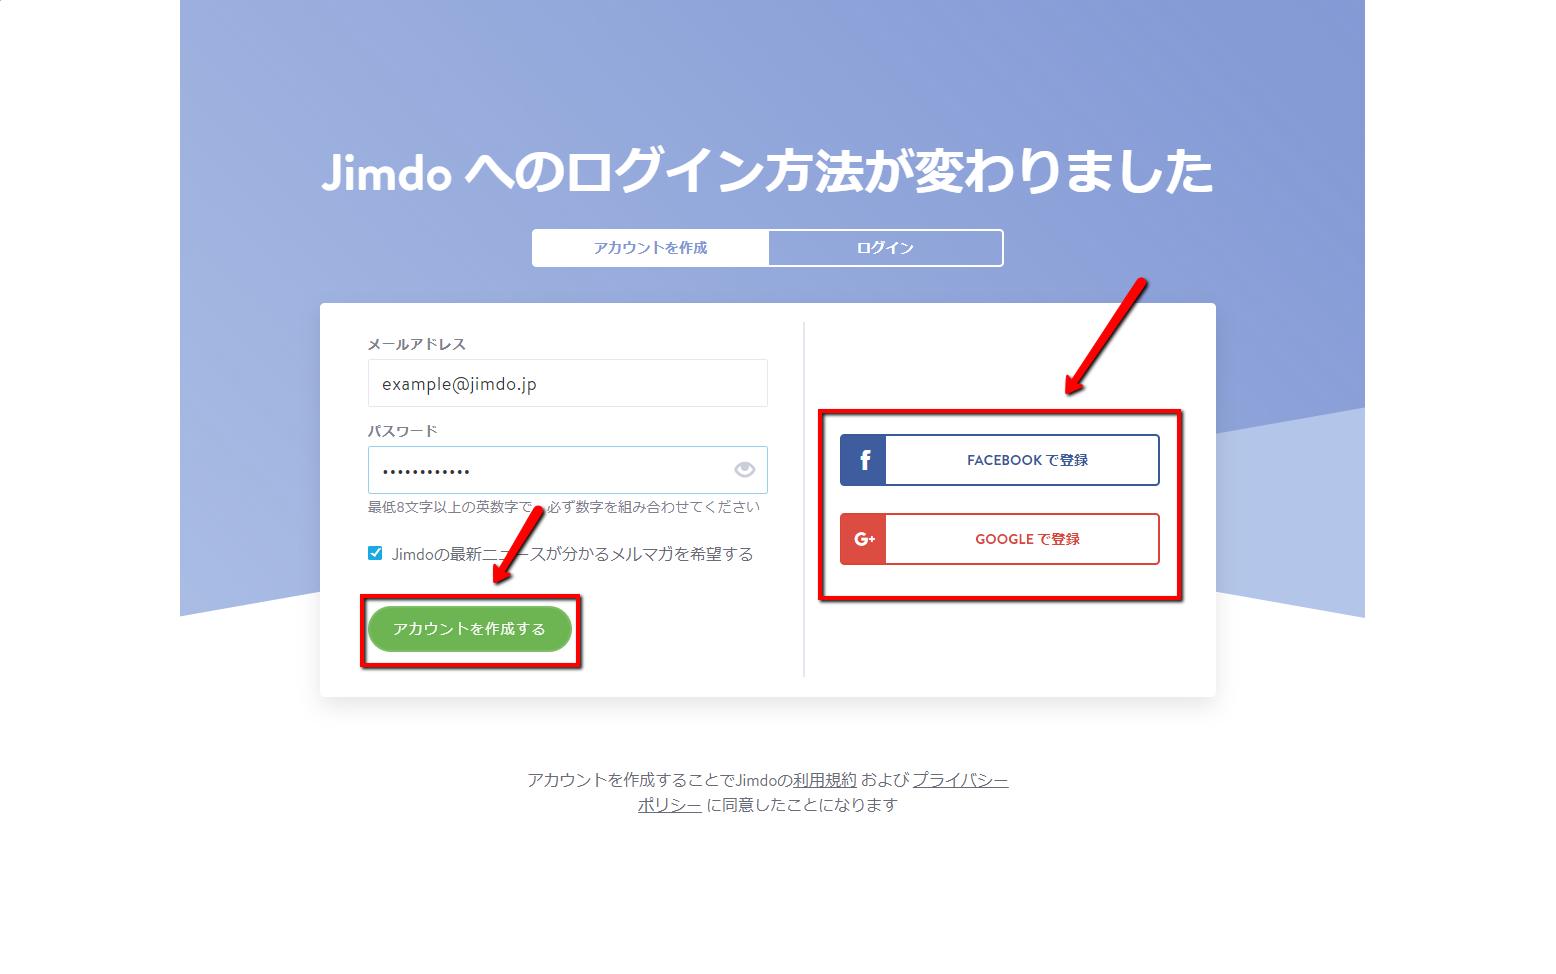 3.アカウントの管理を行うメールアドレスとパスワードを入力して「アカウントを作成する」をクリック